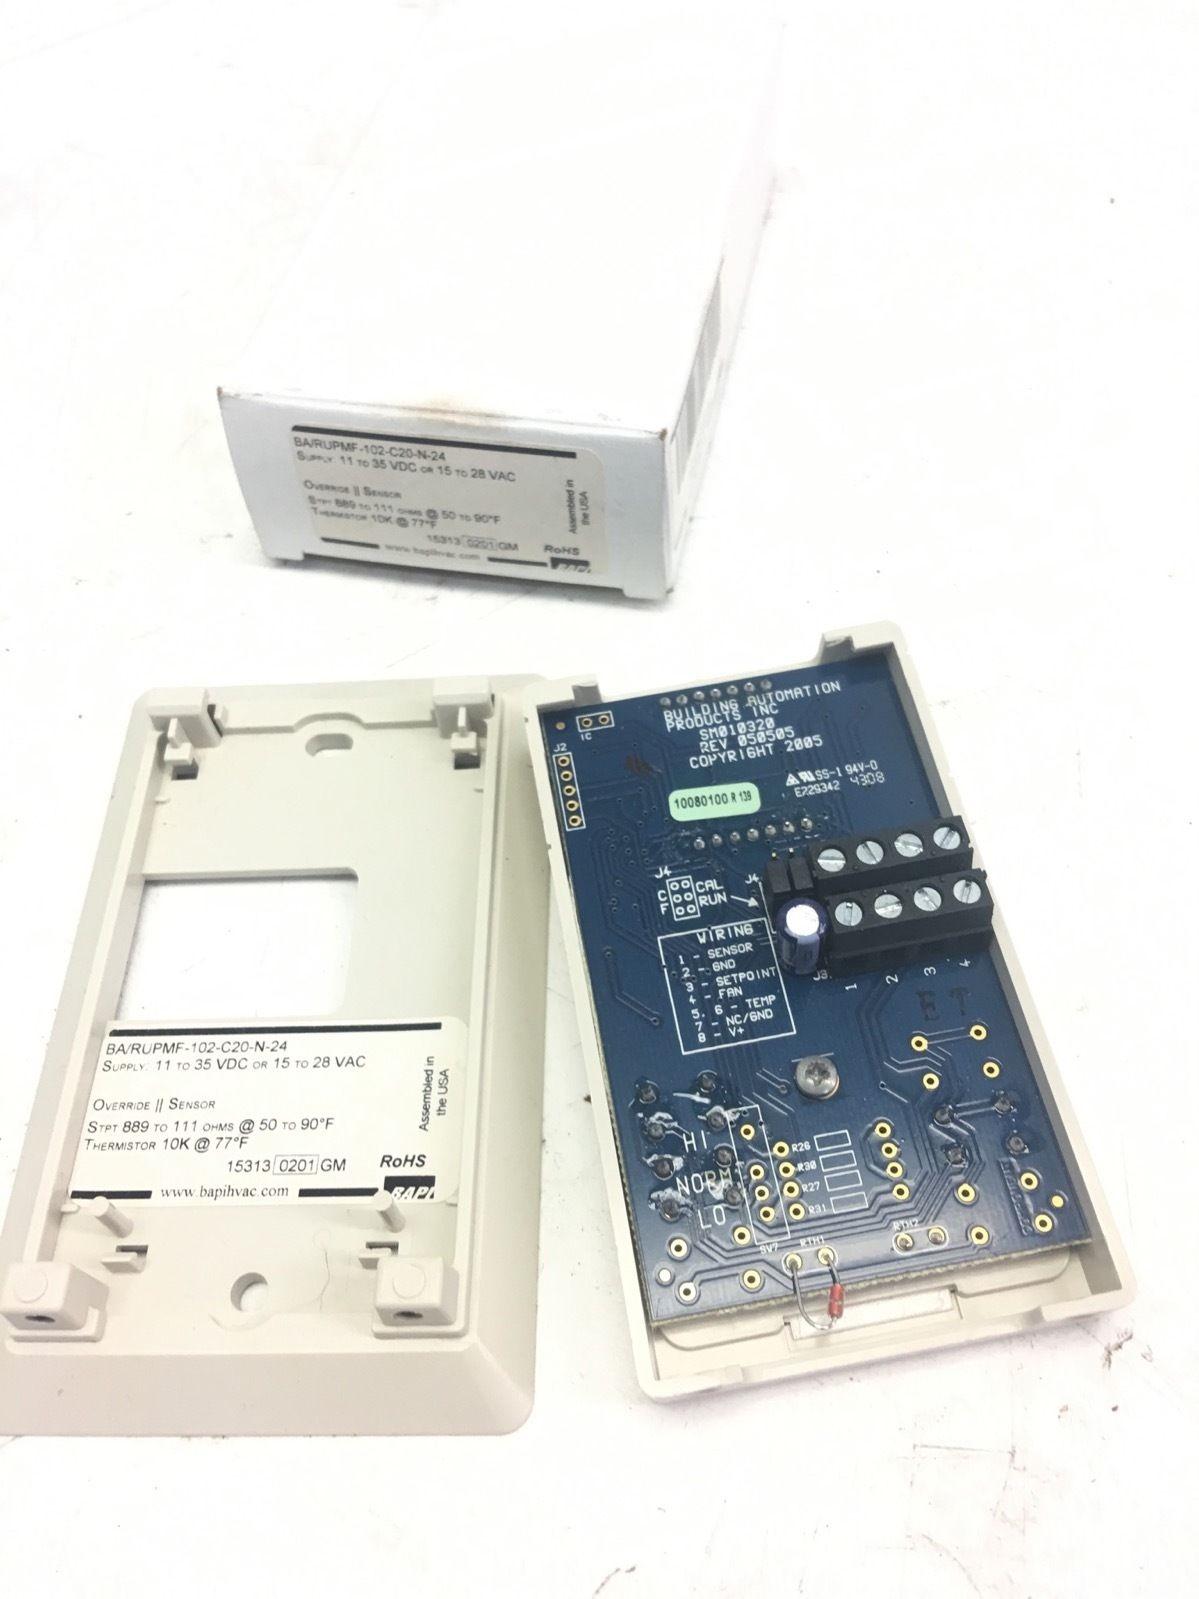 NEW IN BOX BAPIÂ BA/RUPMF-102-C20-N-24 ROOM UNIT TEMP SENSOR OVERRIDE, F230 1